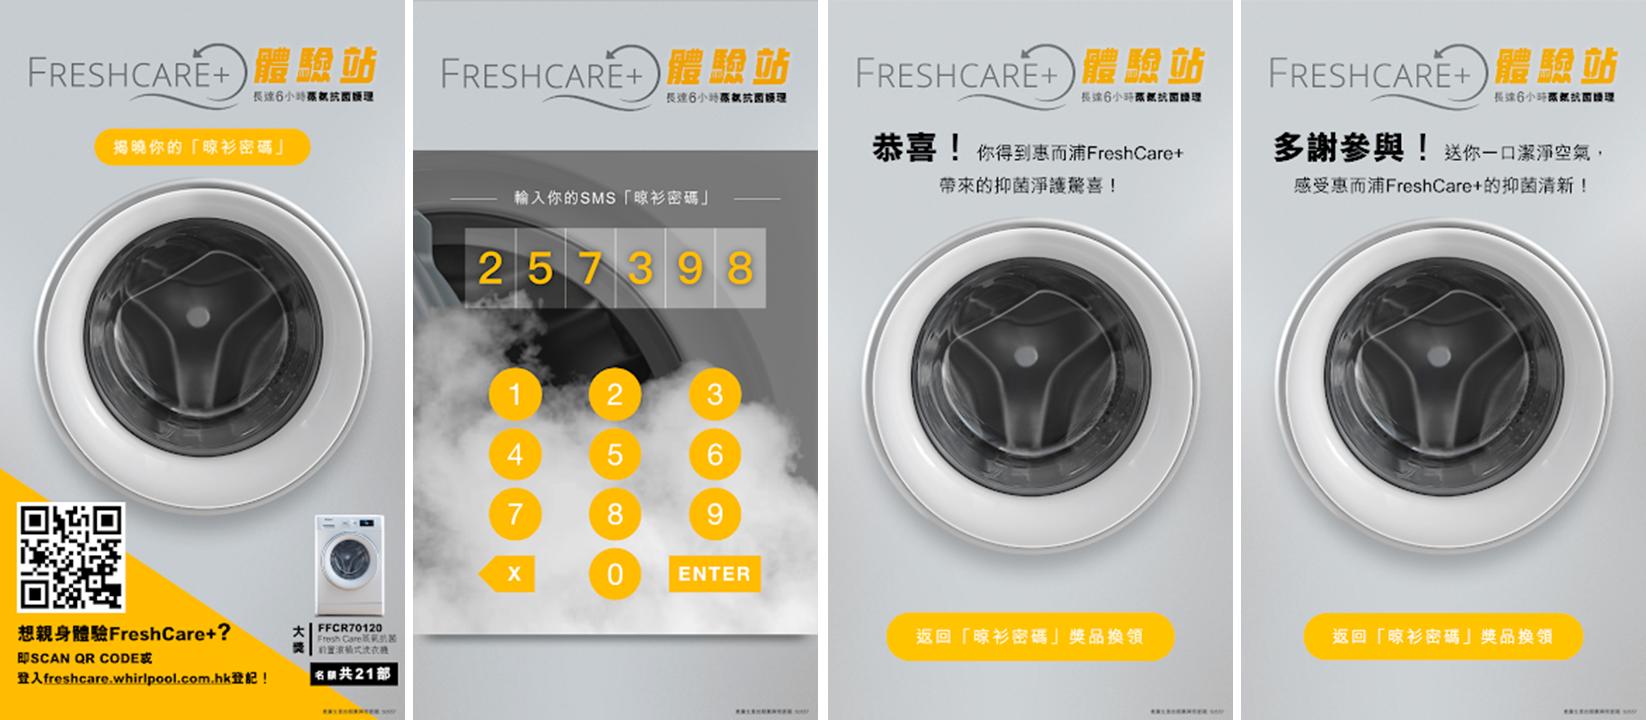 惠而浦 FreshCare+ 體驗站的介面設計:從左至右分別是主頁面、驗證碼、與及抽獎結果頁面